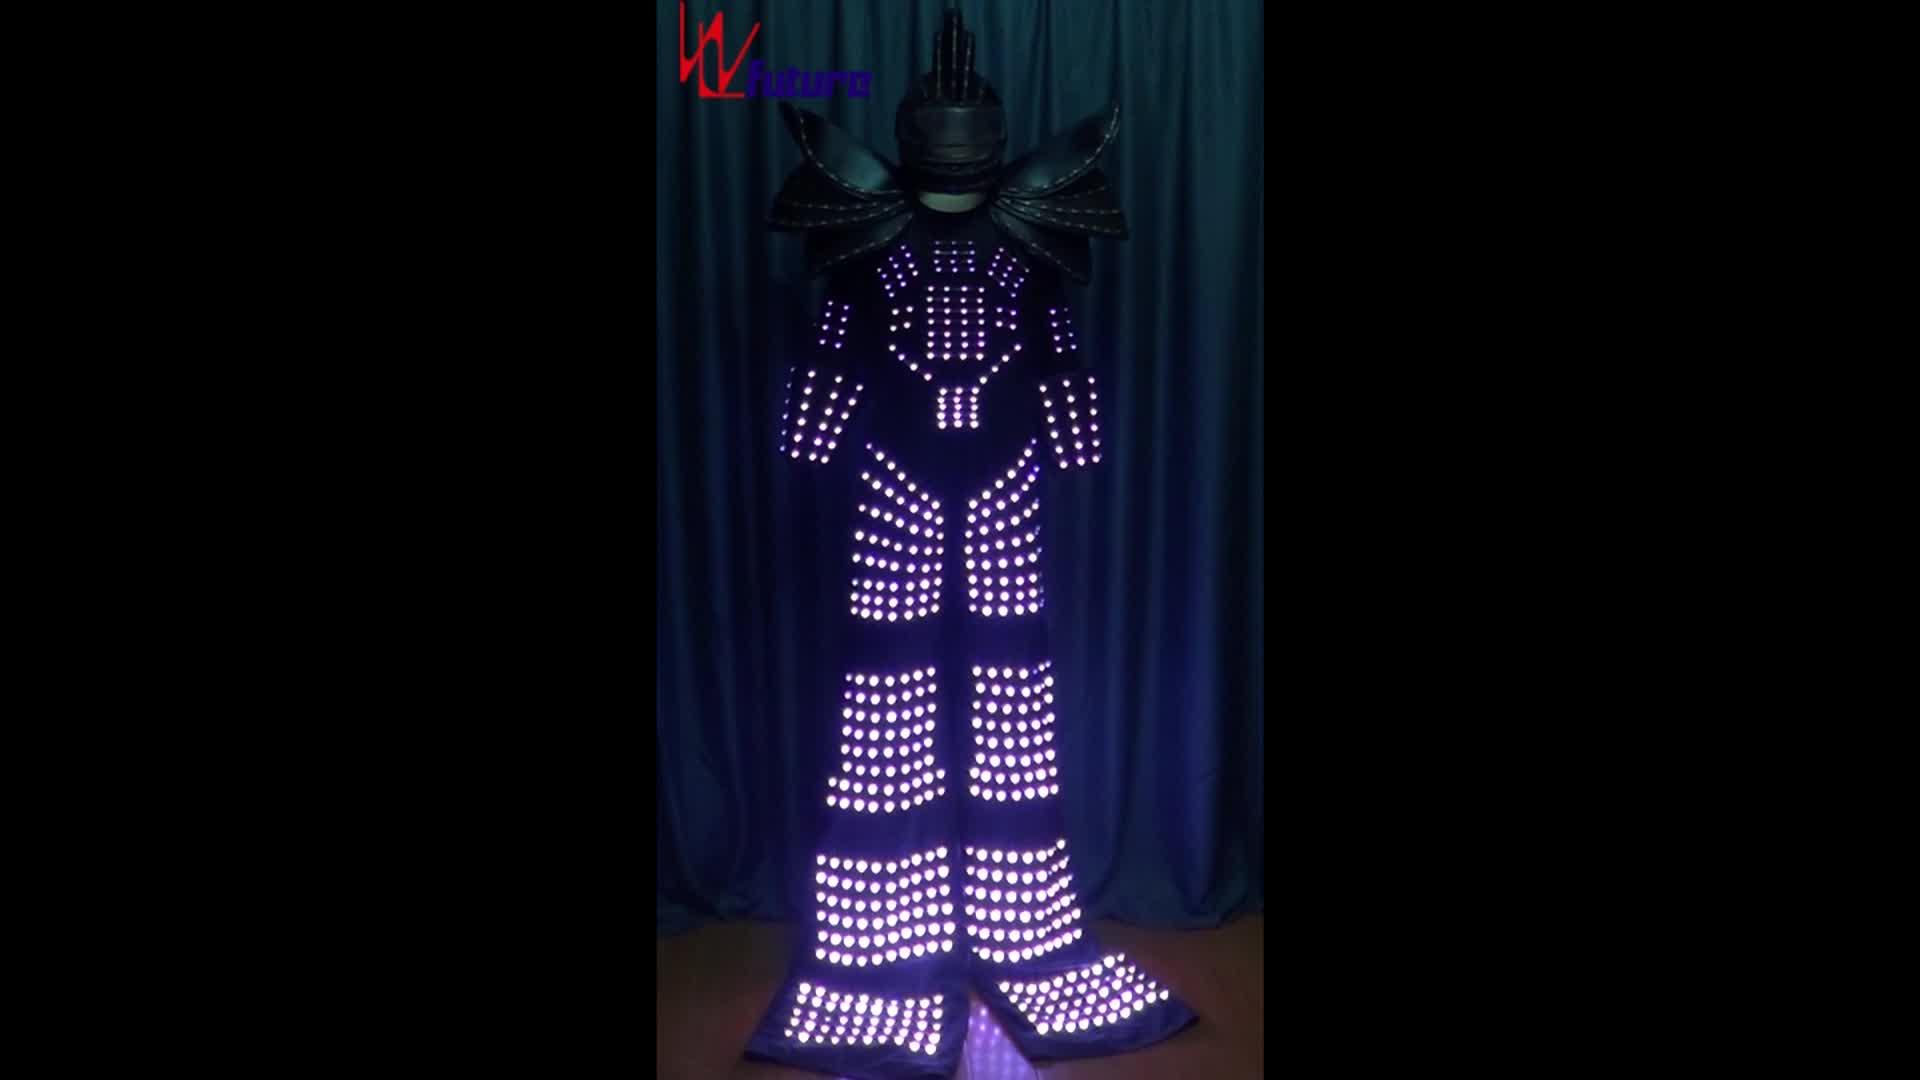 المستقبل led مضاءة القبعات وقبعات روبوت عدة لتقوم بها بنفسك أزياء رجالي led خوذة